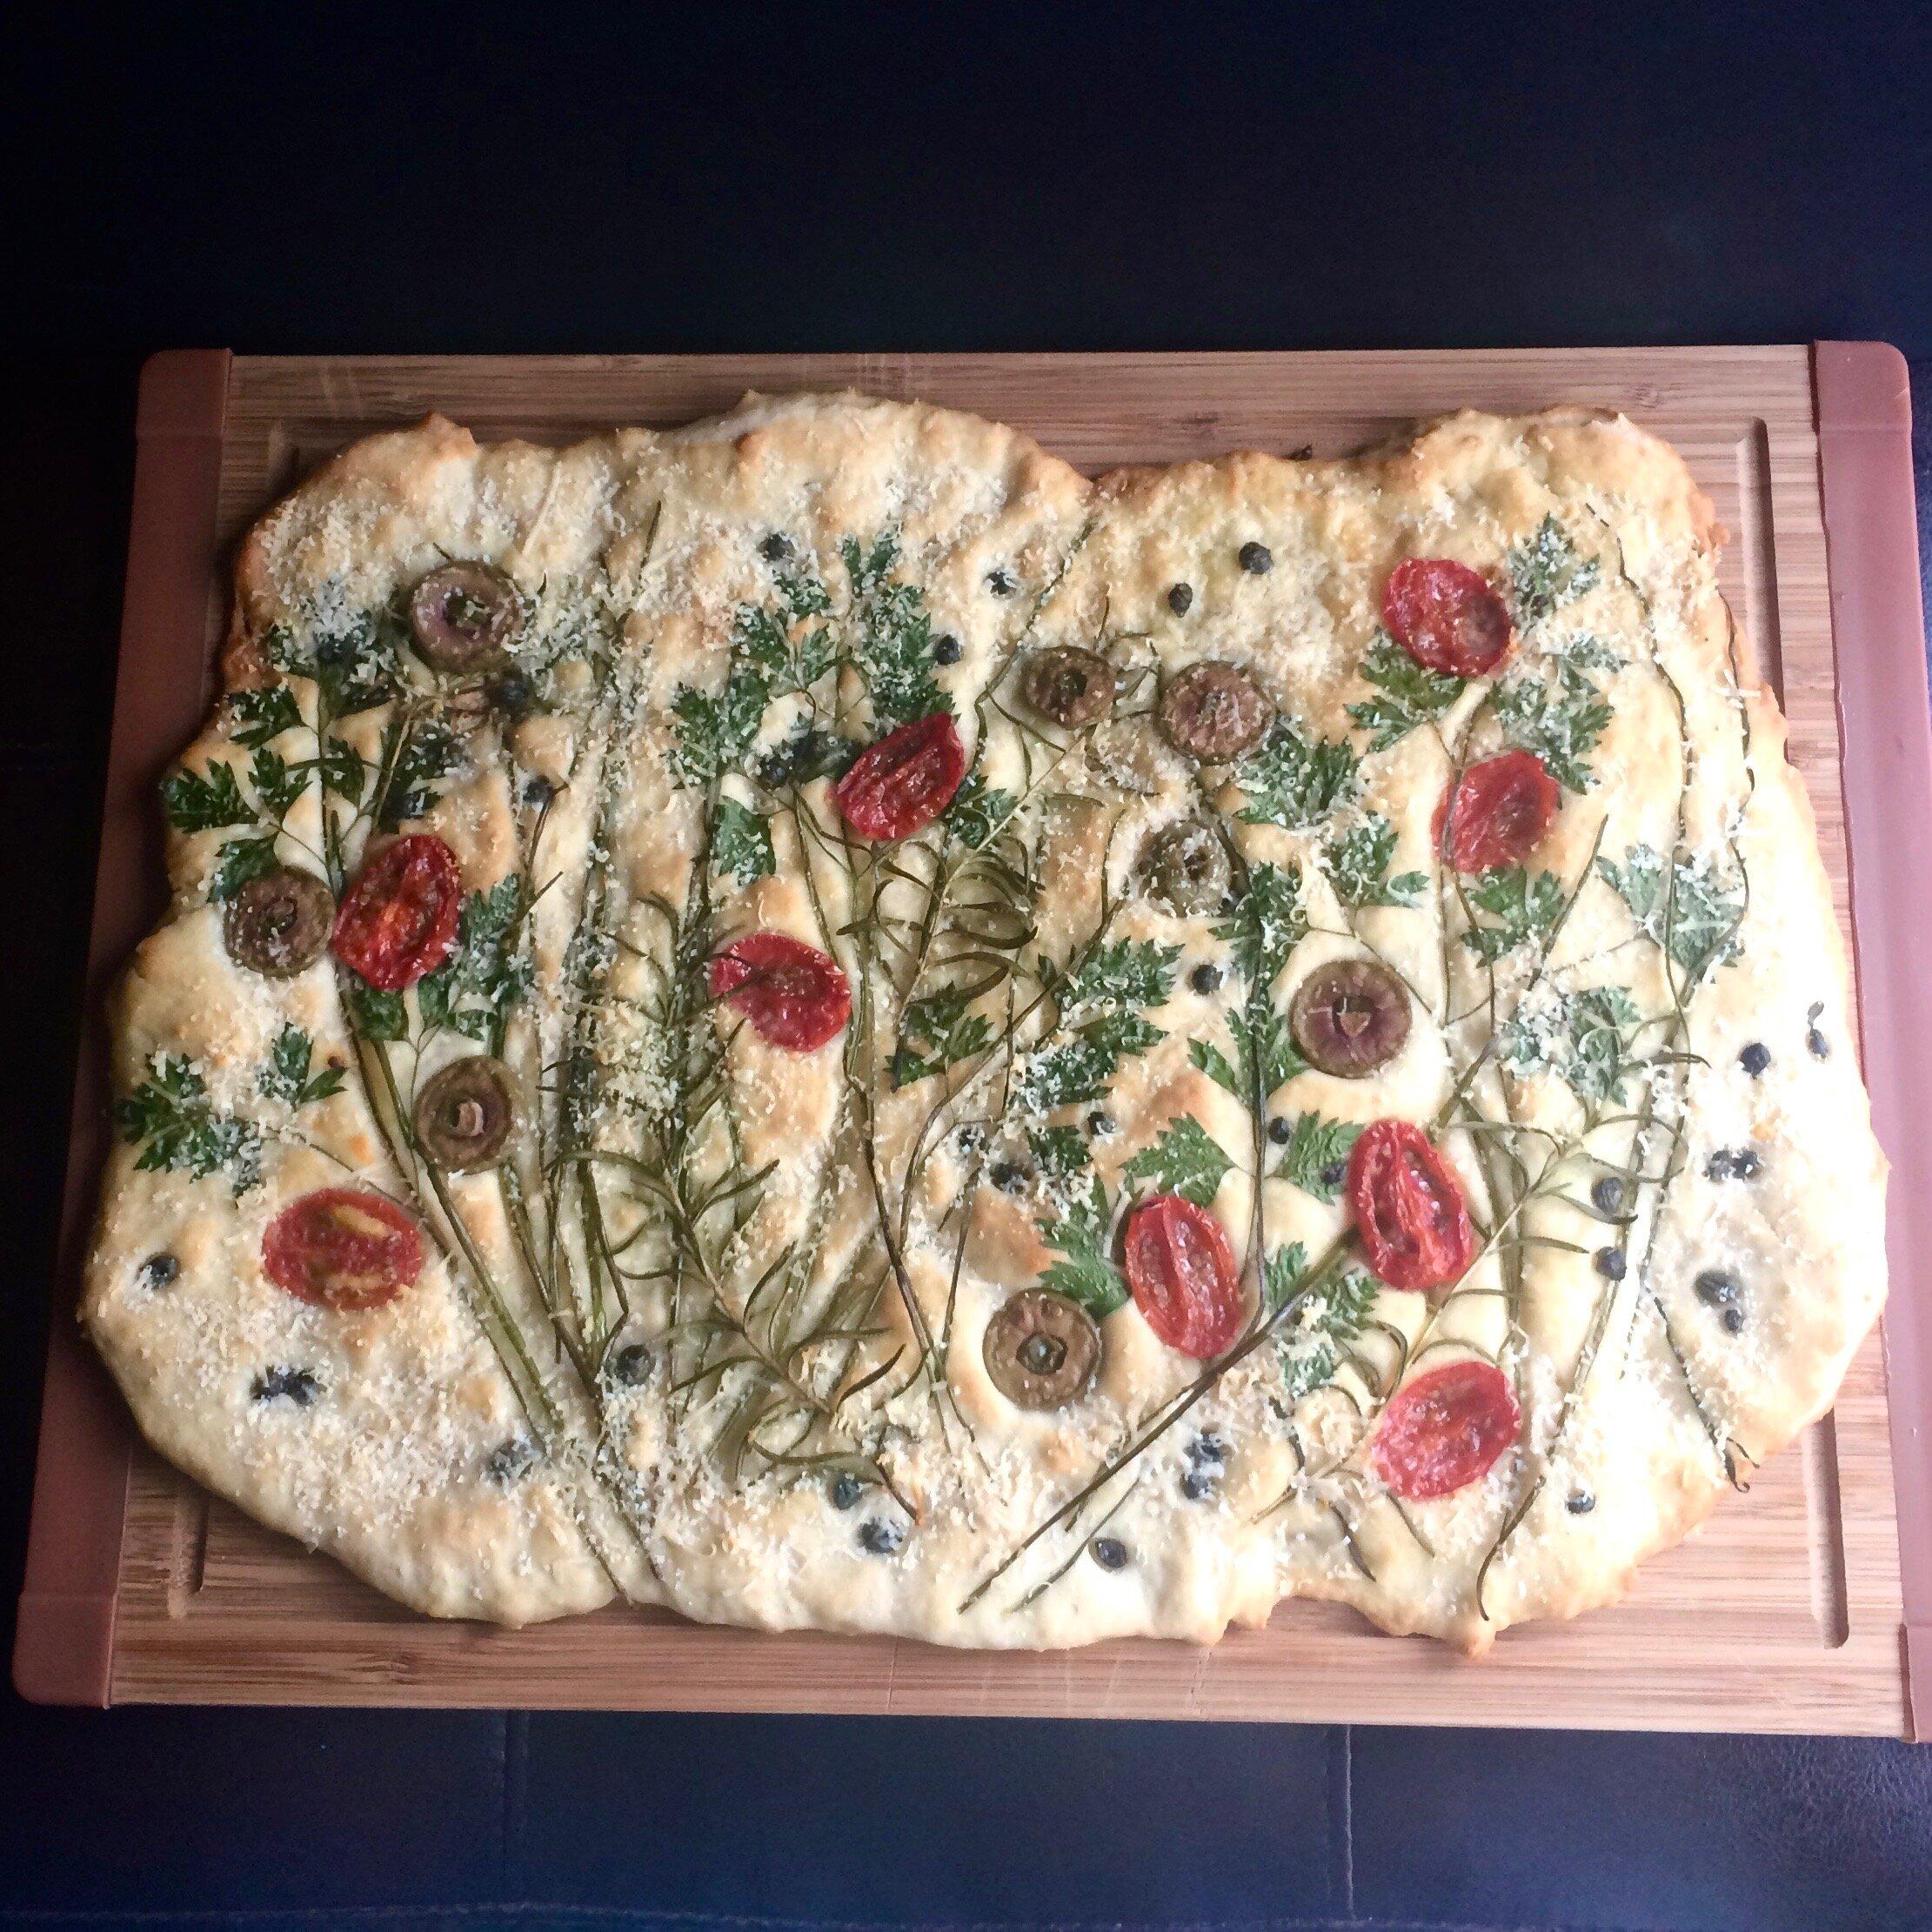 exquisite yeastless focaccia recipe